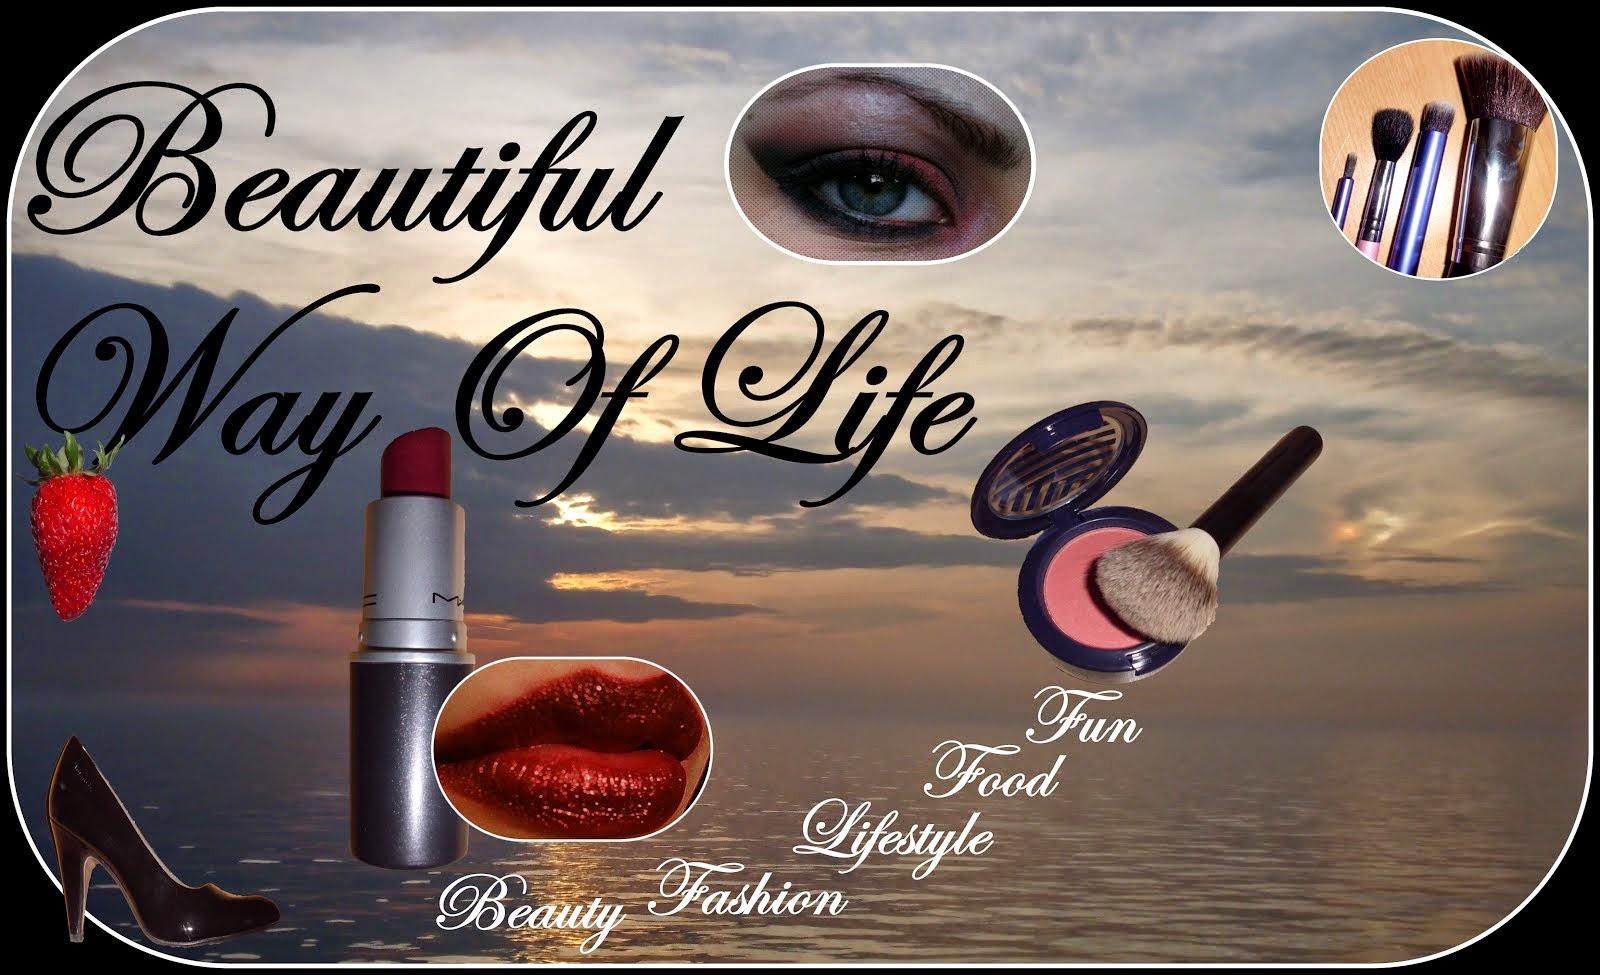 *Beautiful Way Of Life*